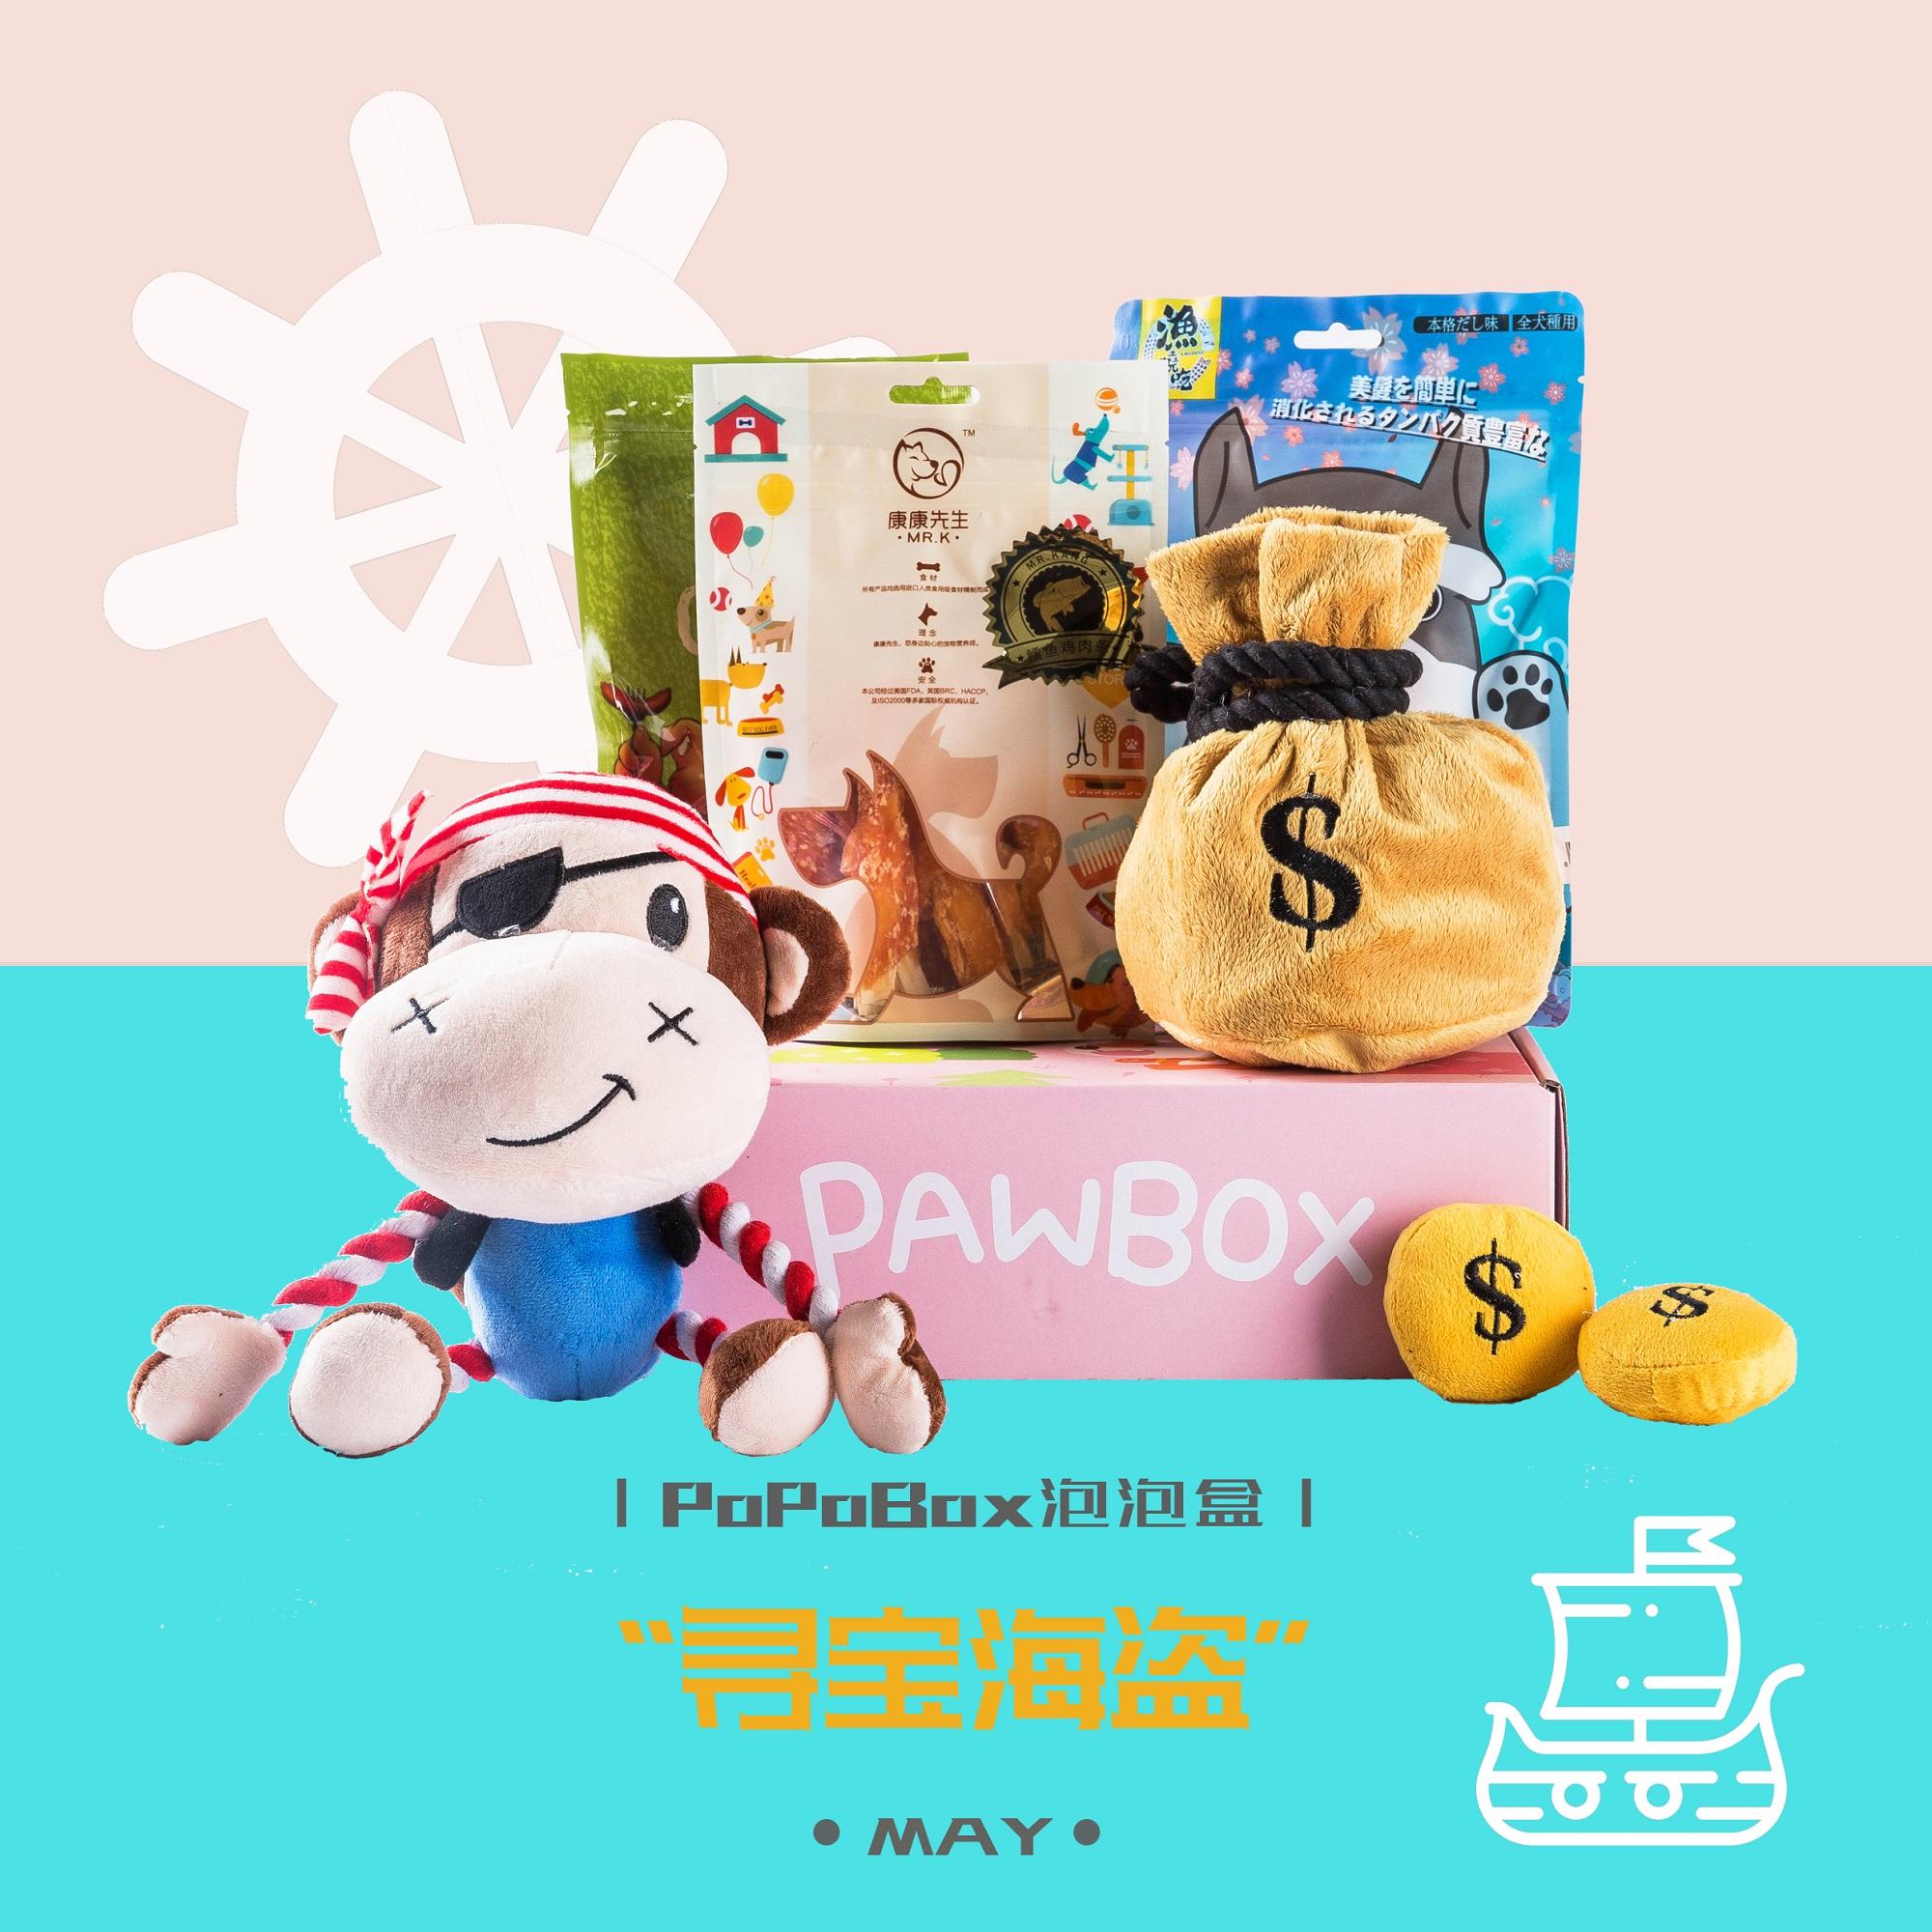 寻宝海盗主题   PawBox宠物泡泡盒